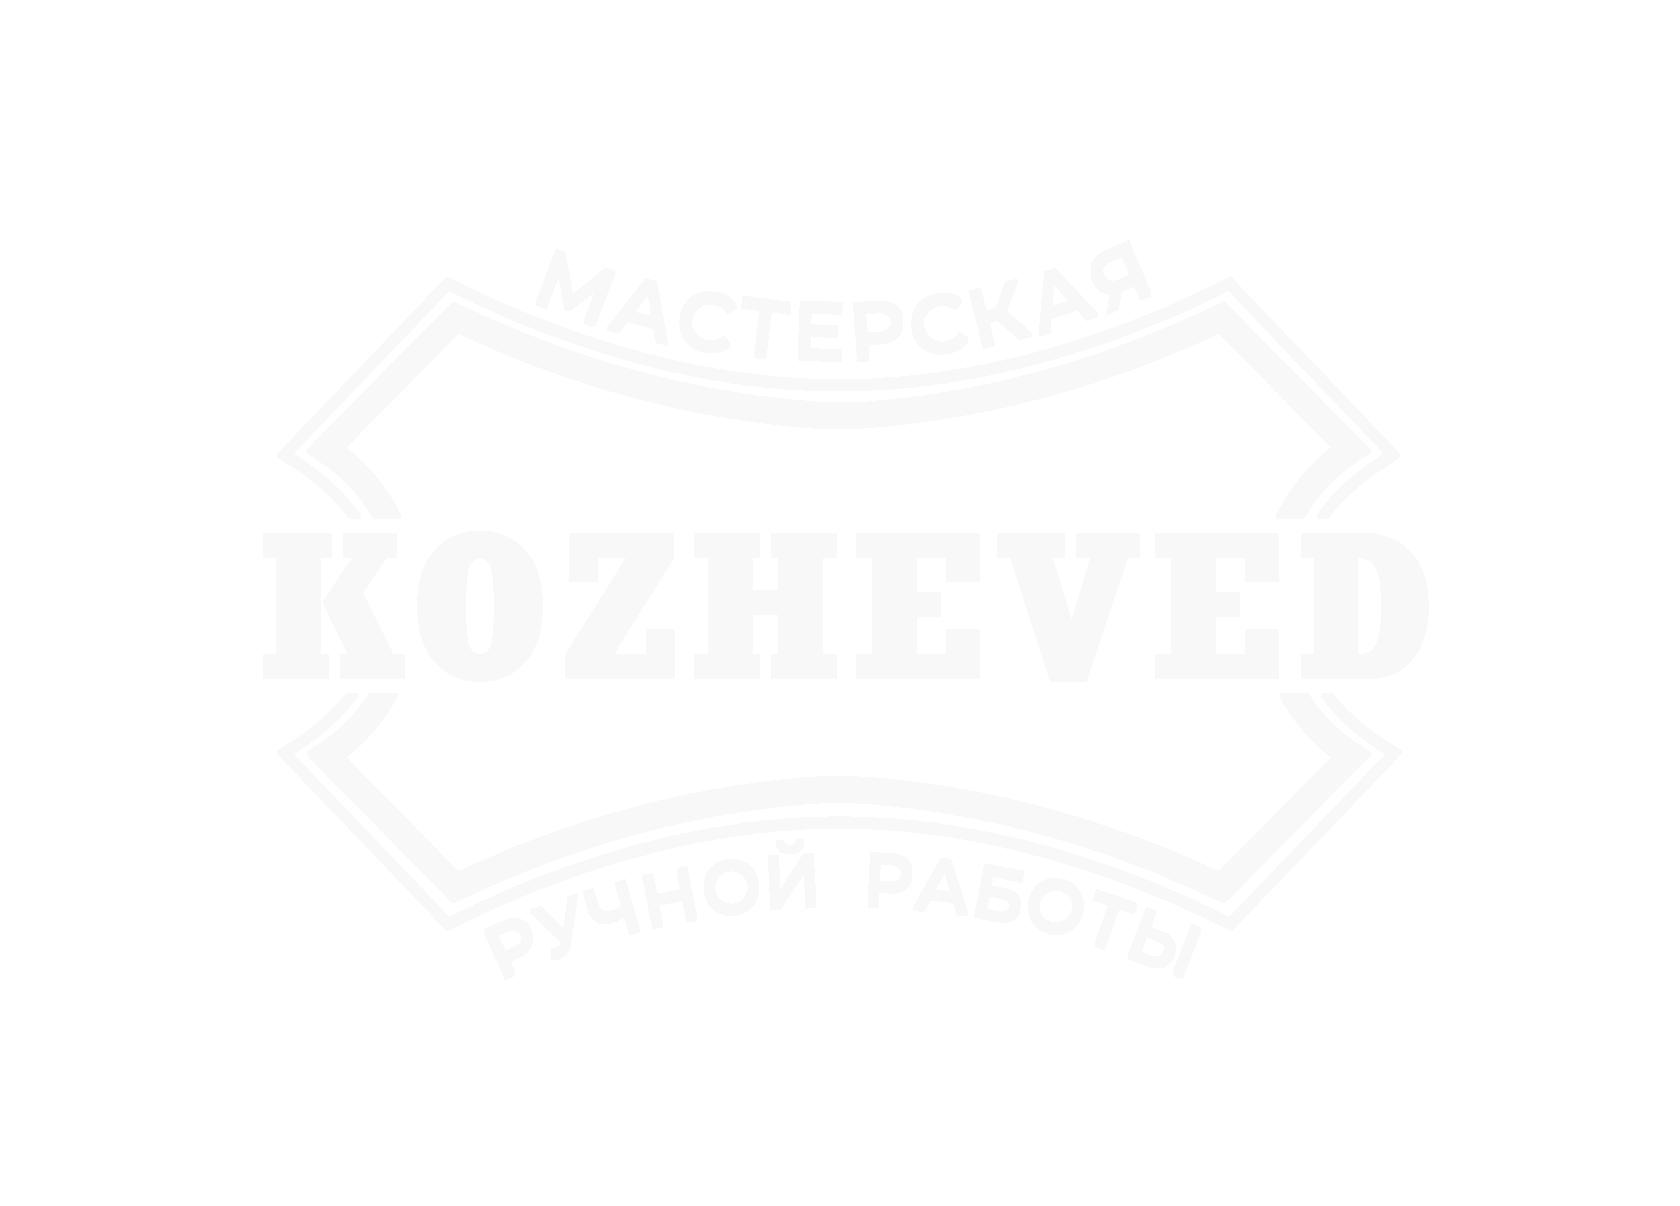 kozheve